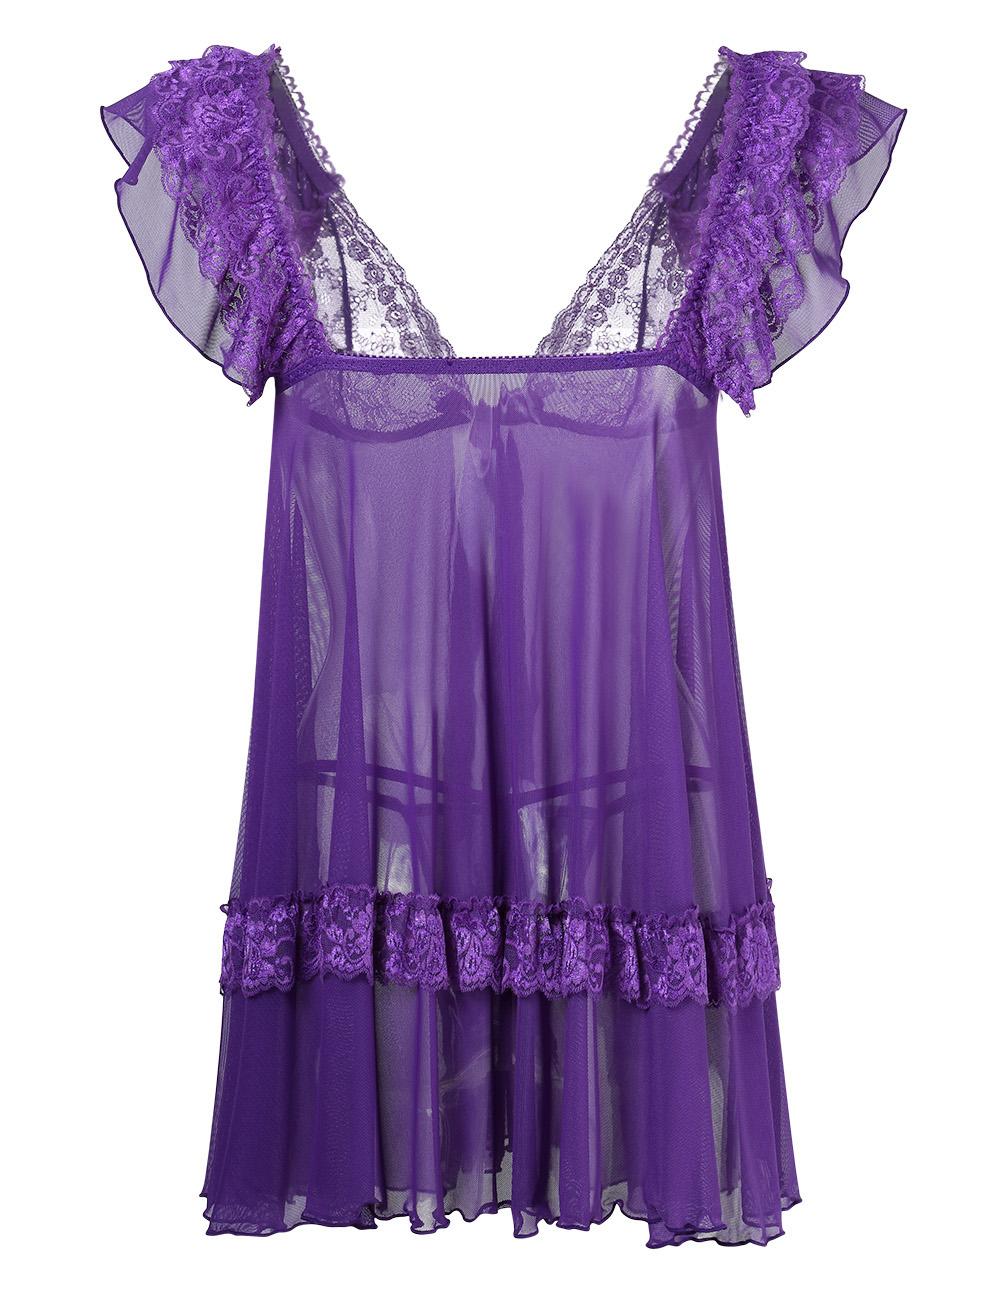 lace lingerie dress - photo #36